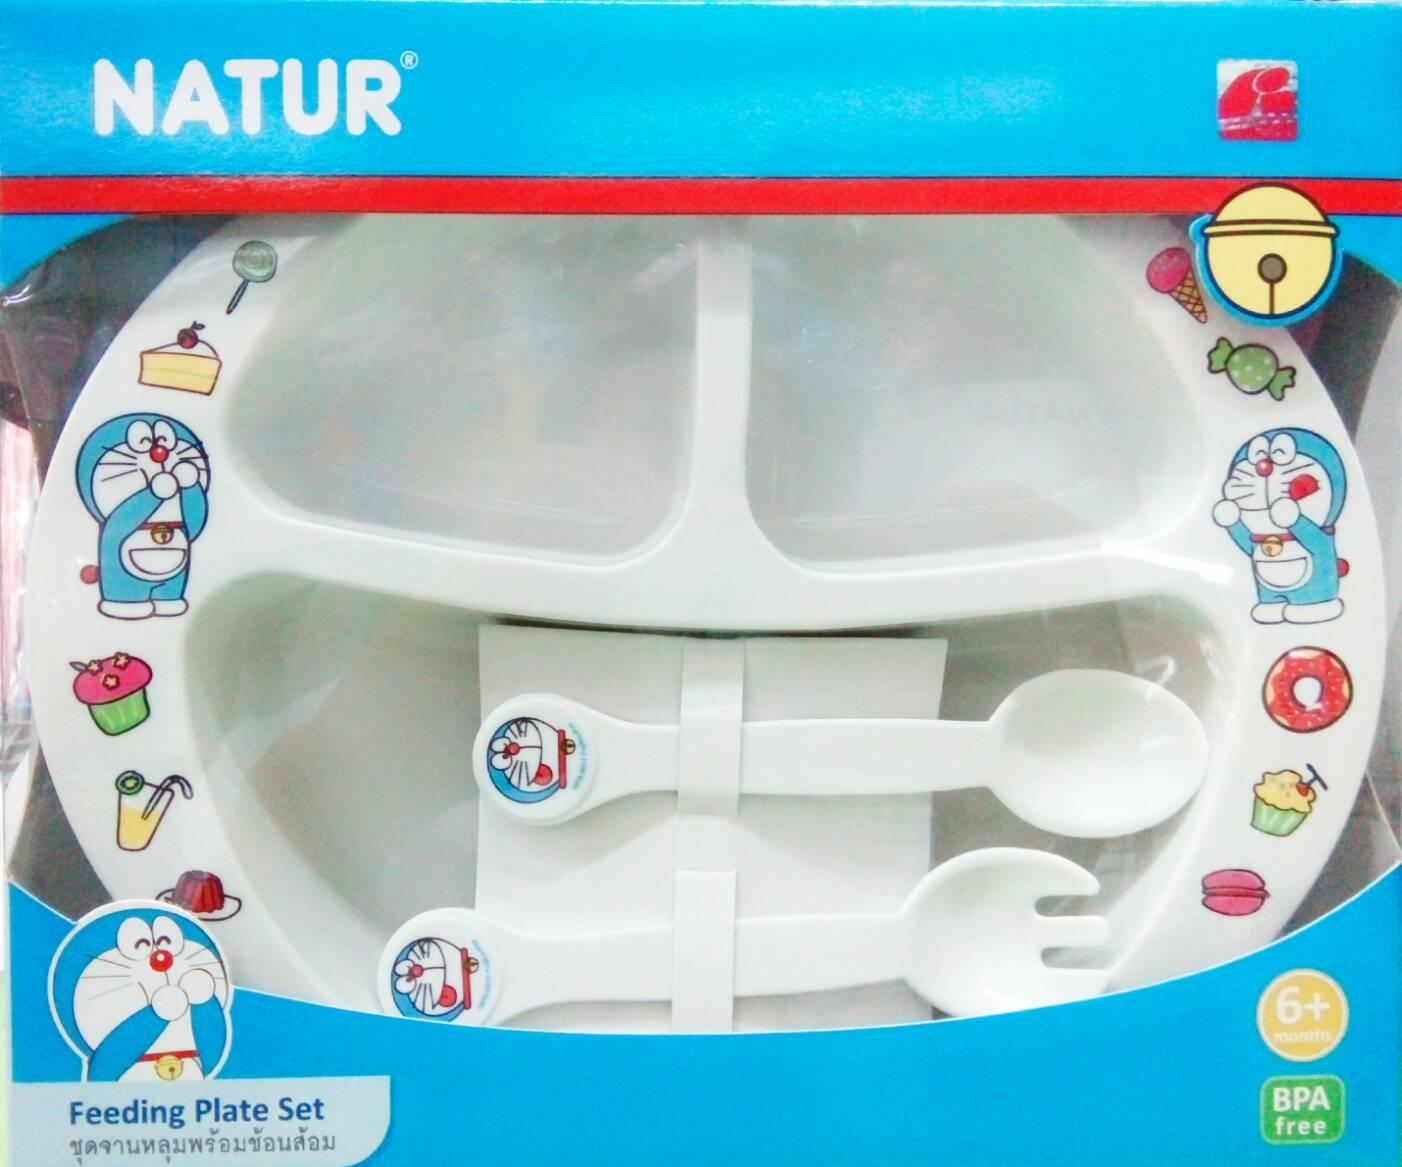 จานหลุมก้นลึก 3 ช่อง+ช้อนส้อมโดเรมอน Natur Doraemon Feeding Plate Set